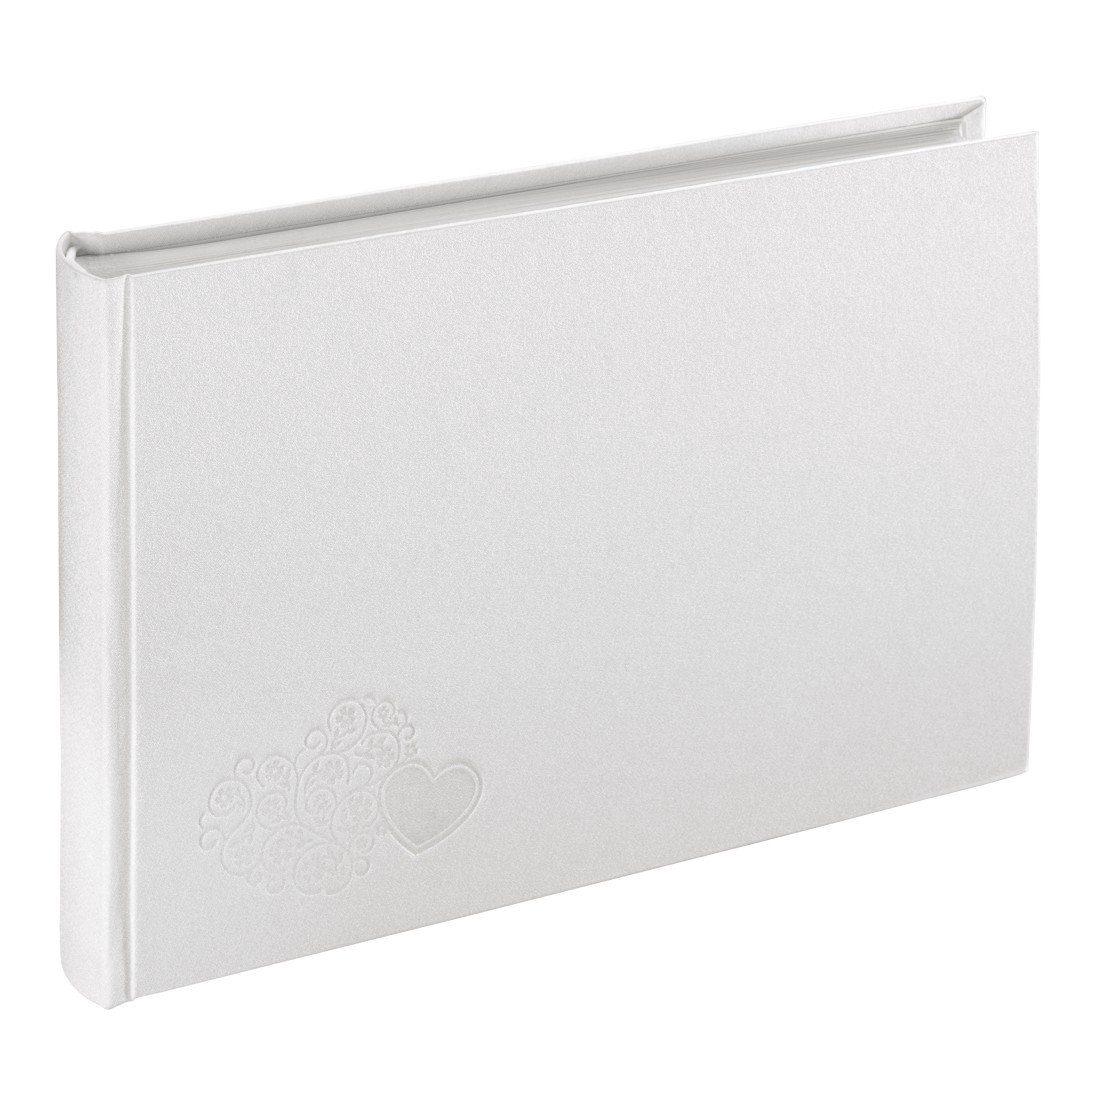 Hama Foto- und Gäste-Album Venezia, 30x20 cm, 60 weiße Seiten